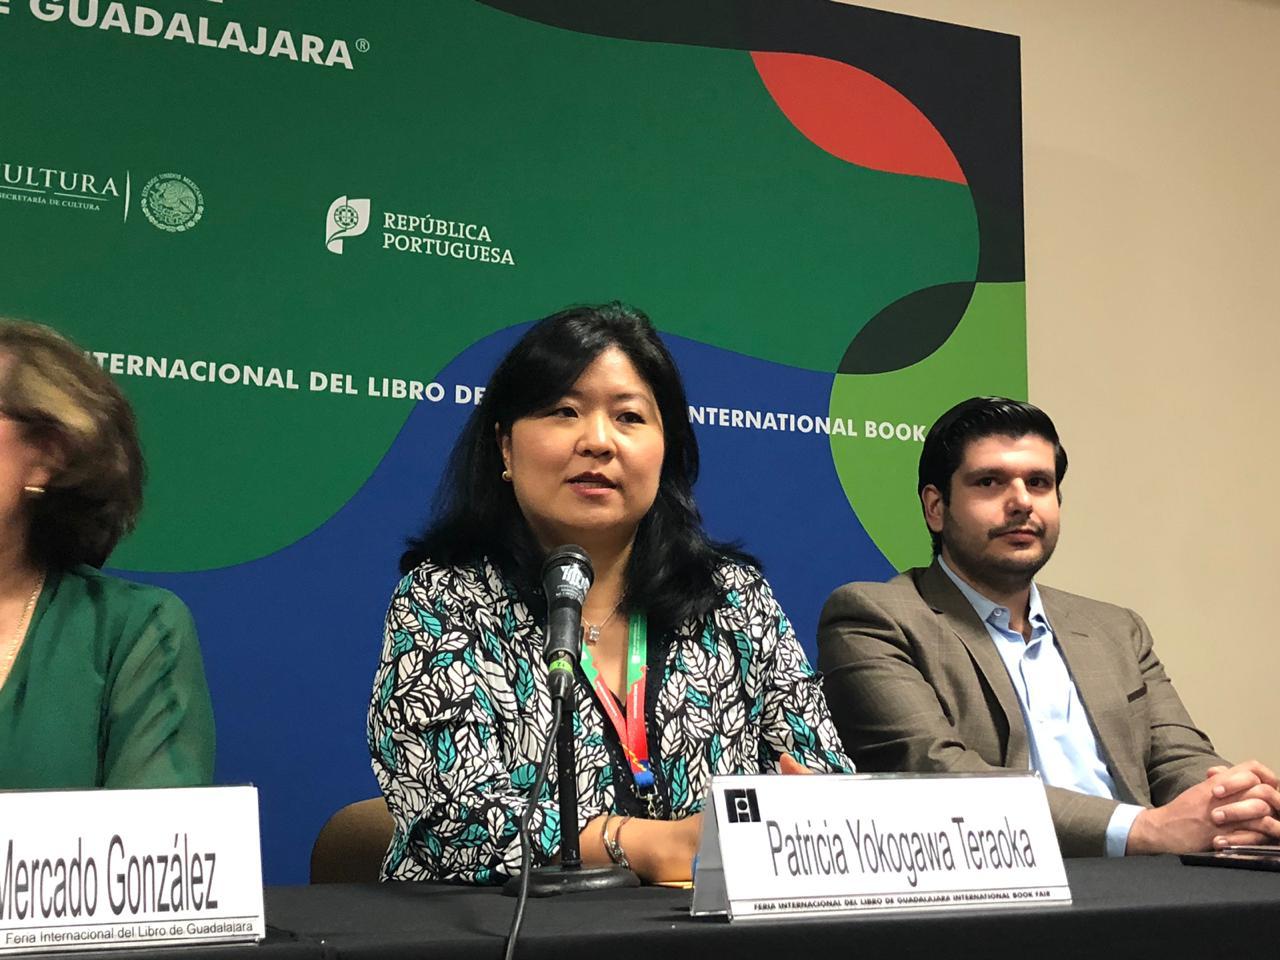 Lic. Patricia Yokogawa al micrófono en el presídium